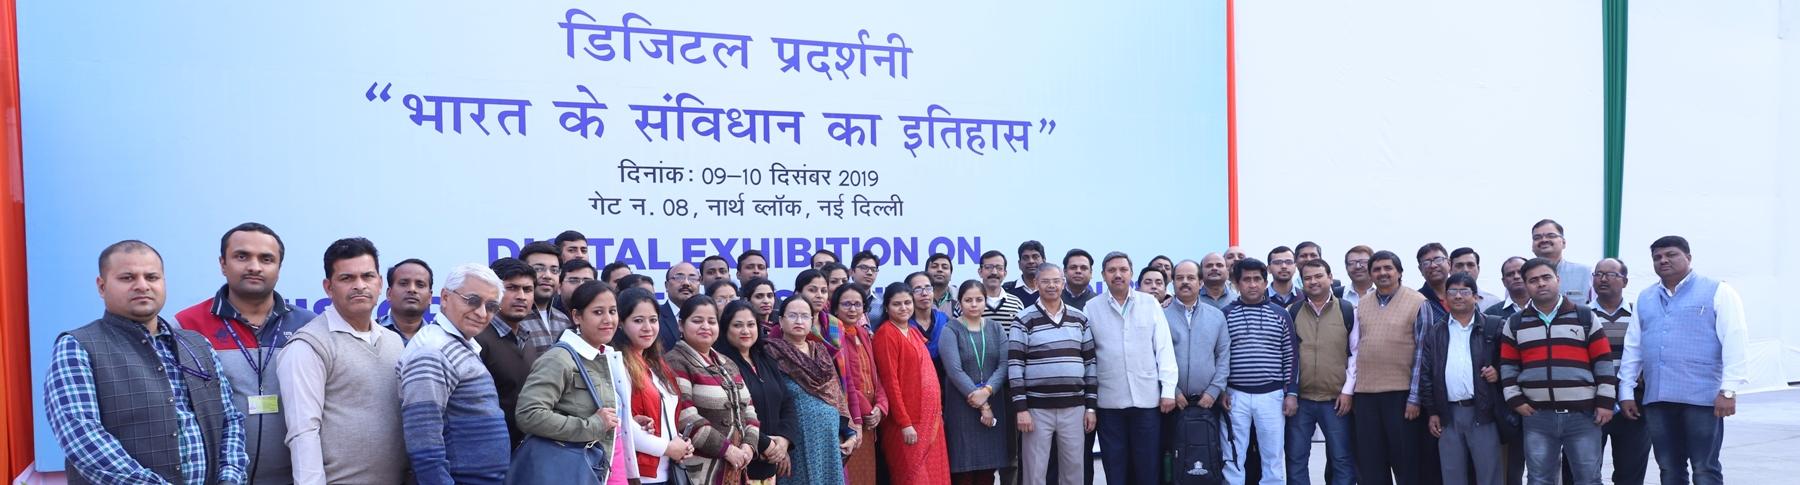 भारत के संविधान का इतिहास के बारे में डिजिटल प्रदर्शनी के दूसरे दिन सचिवालय प्रशिक्षण एवं प्रबंधन संस्थान (ISTM) के प्रशिक्षुओं के द्वारा अवलोकन